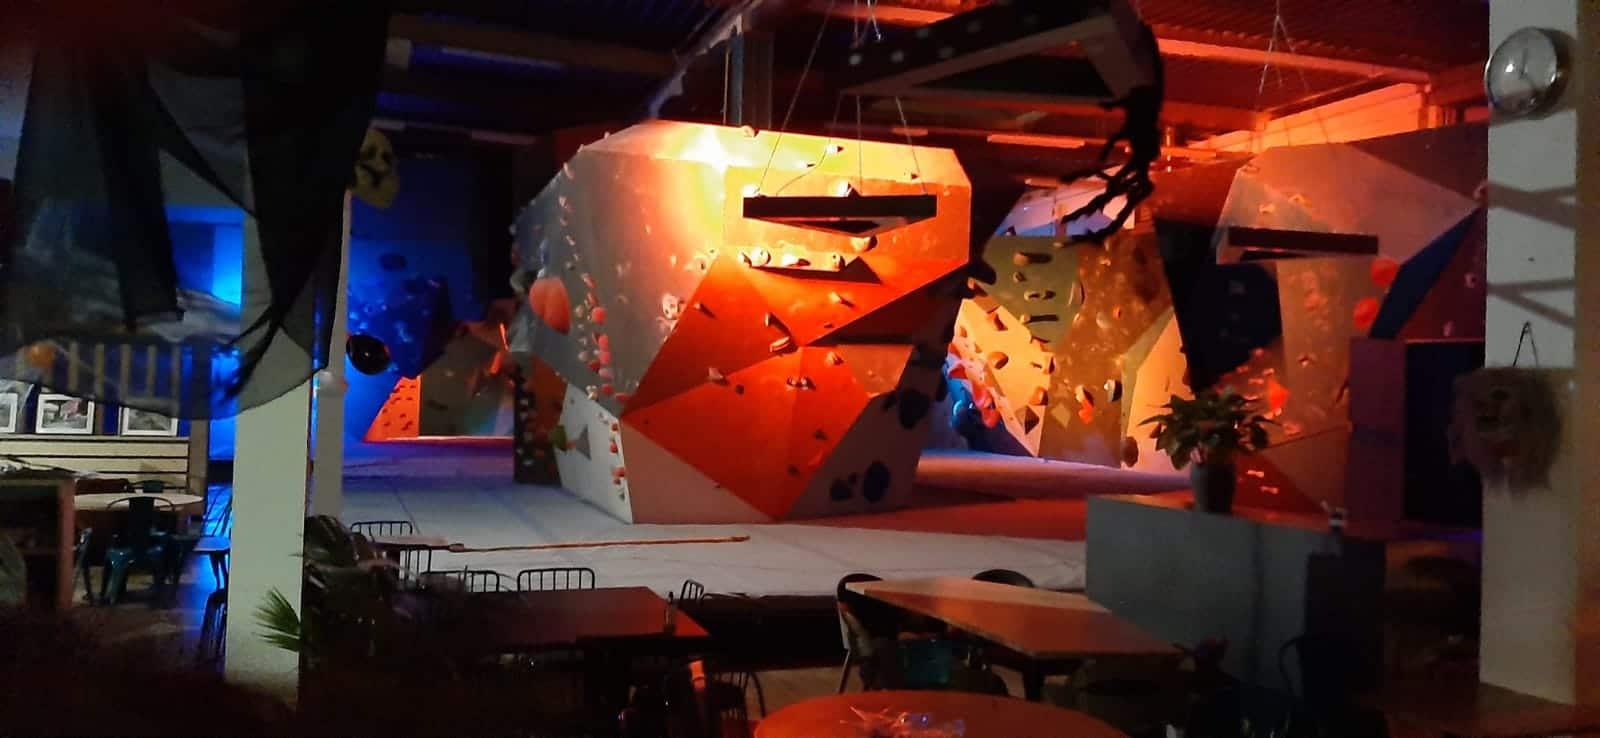 DARK SIDE OF THE BLOC - Halloween - salle d'escalade de bloc - salle d'escalade de saint quentin en yvelines- escalade de sensation- escalade dans le noir- araignées - sortilèges - nuit de l'horreur-